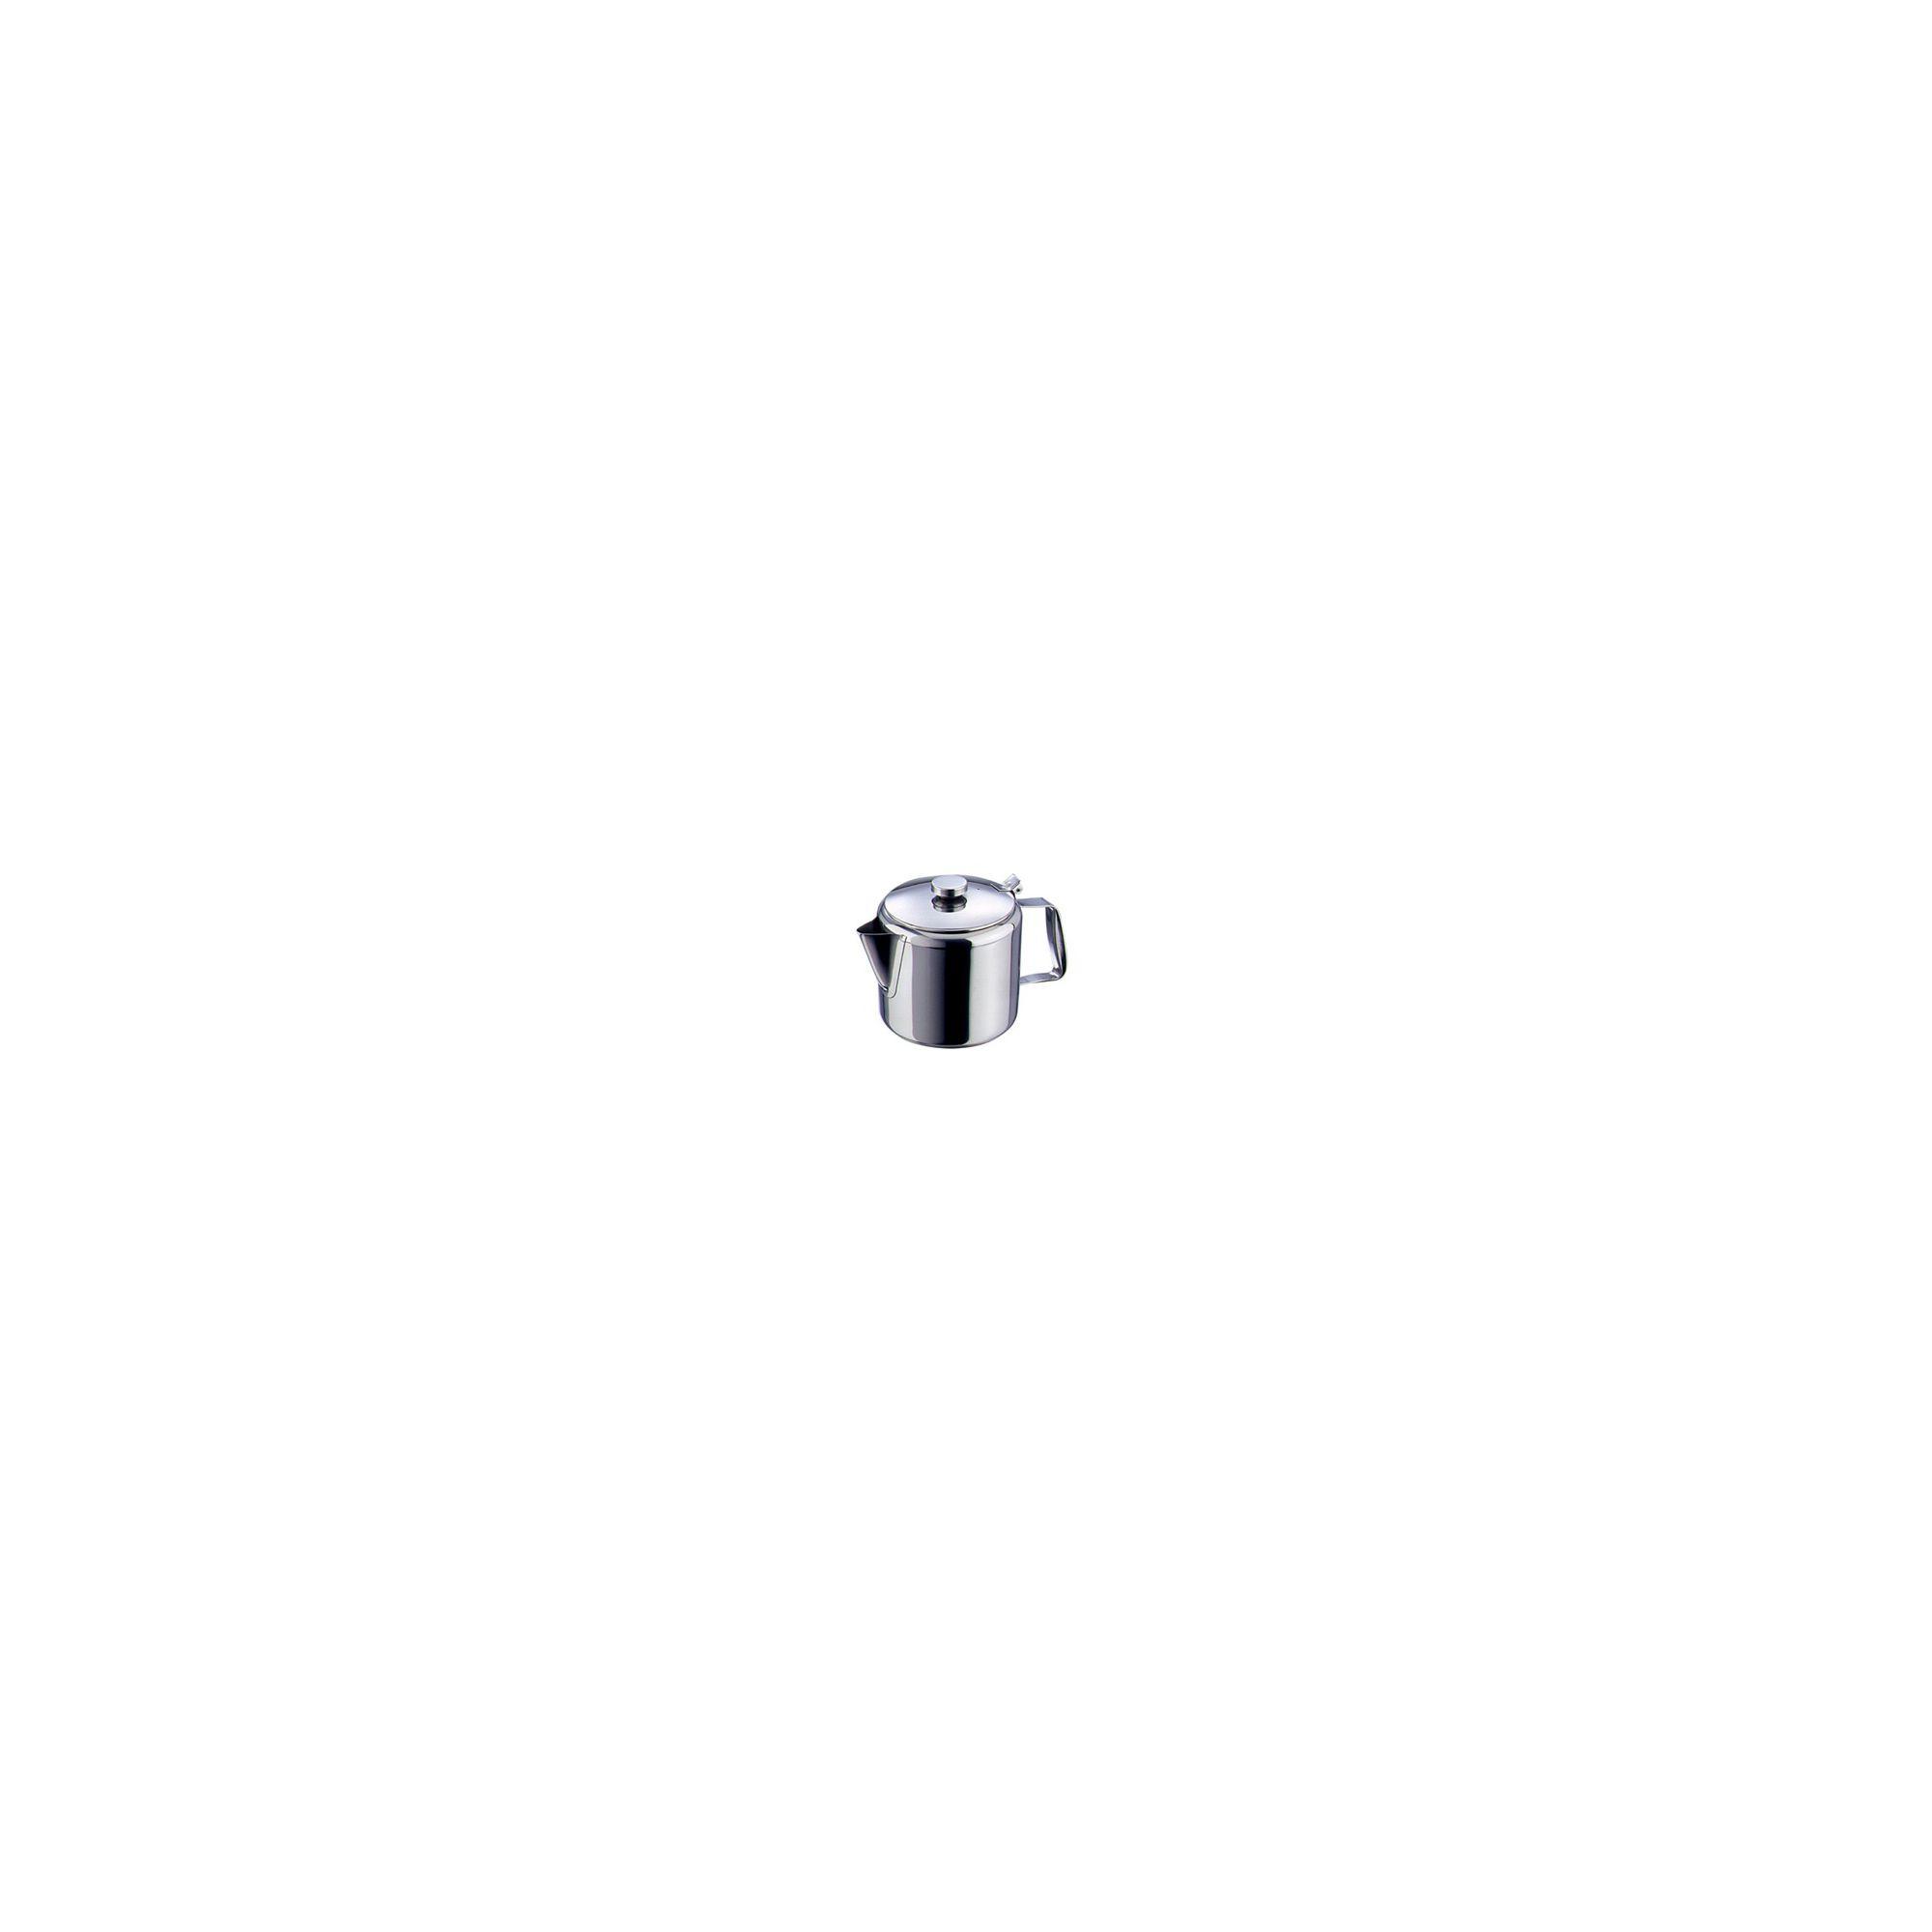 Zodiac 11034 Sunnex Teapot S/S 32Oz